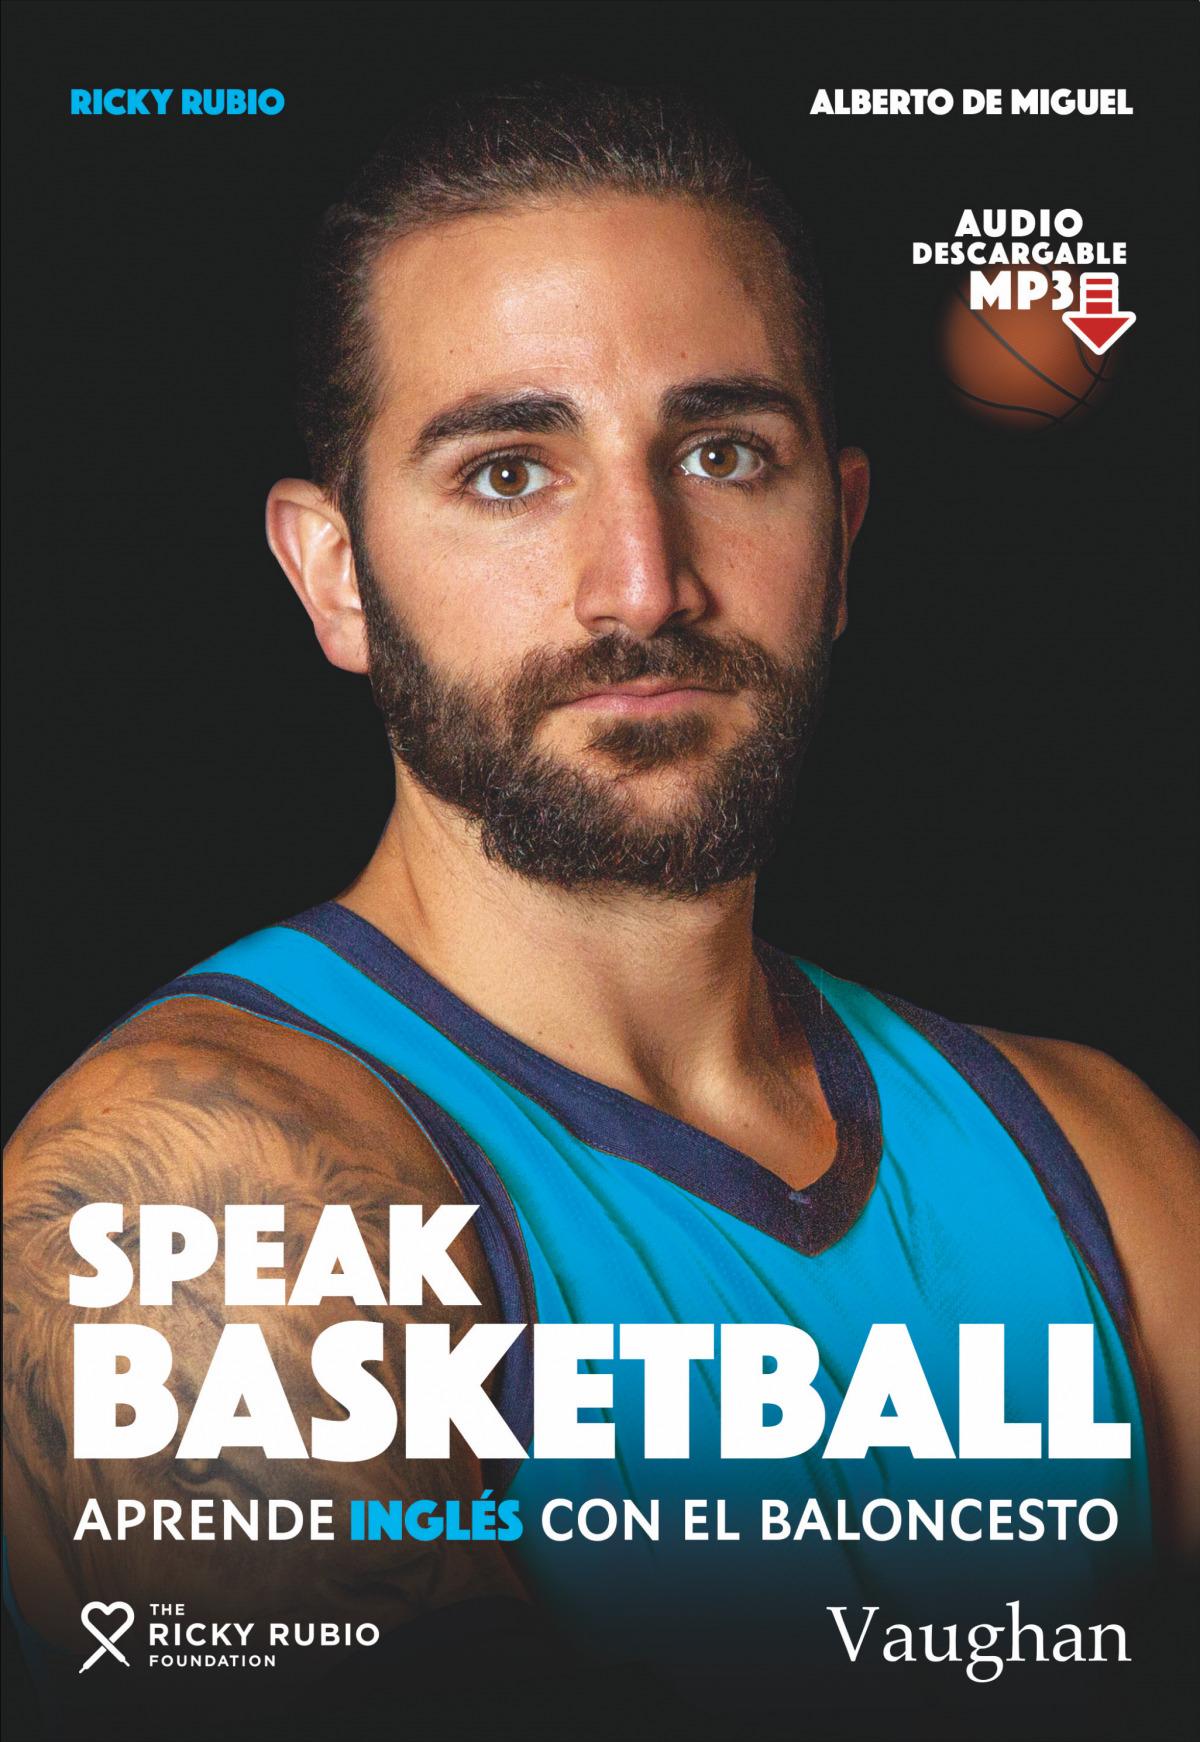 Speak Basketball